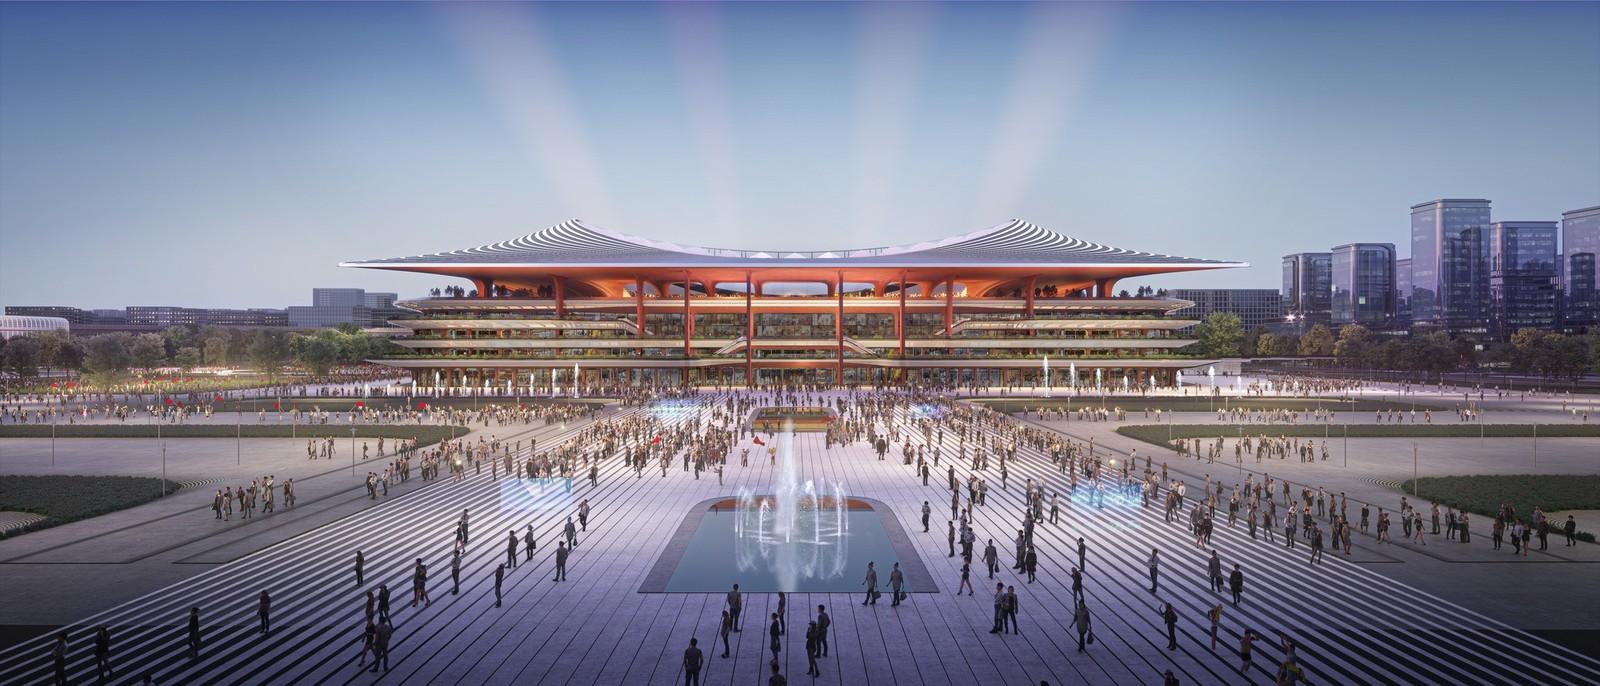 Xi'an International Football Centre Stadium